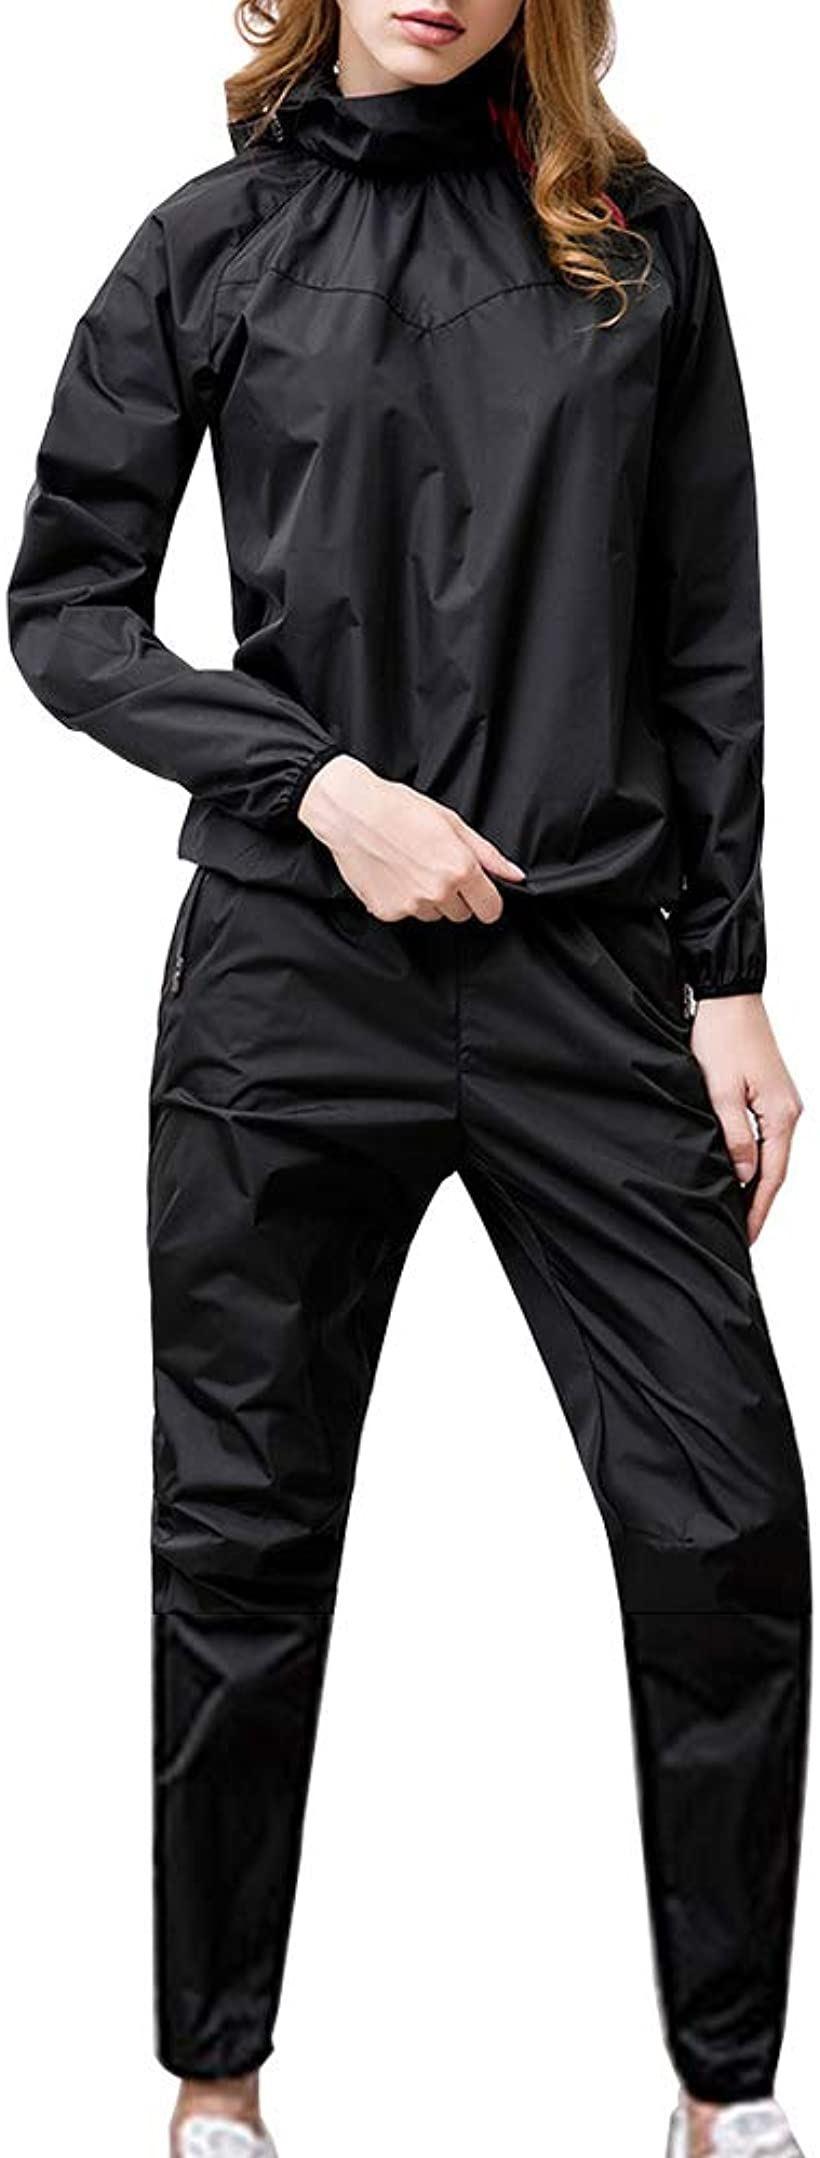 サウナスーツ ダイエットスーツ 大量発汗 大きいサイズ トレーニングウエア L(ブラック, Large)